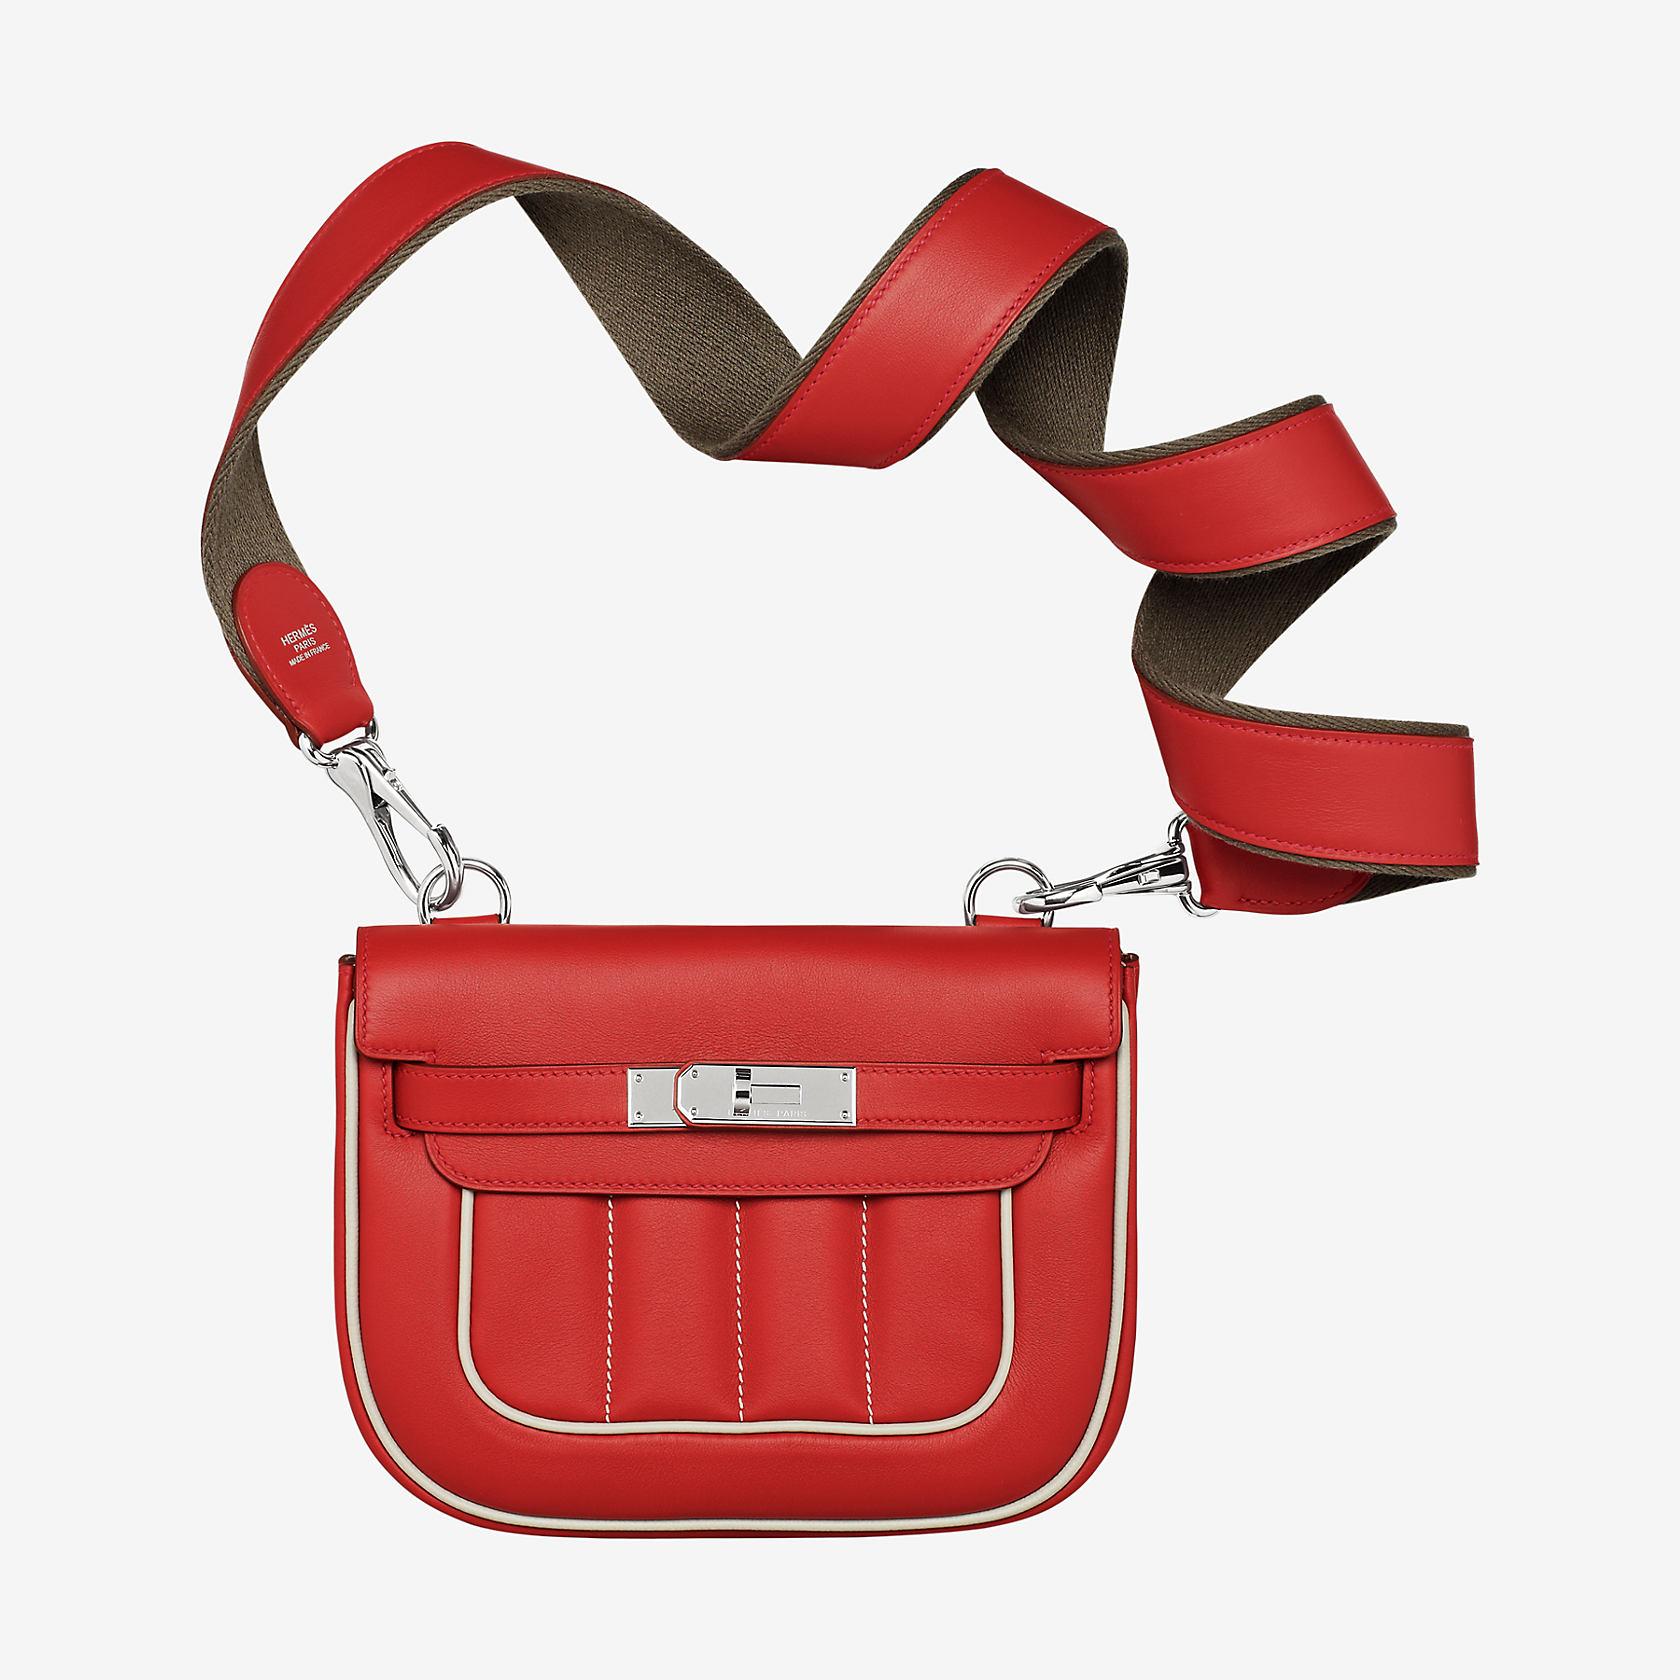 715874e0e0d7 switzerland hermes bag holder for screen 24c0a 60127